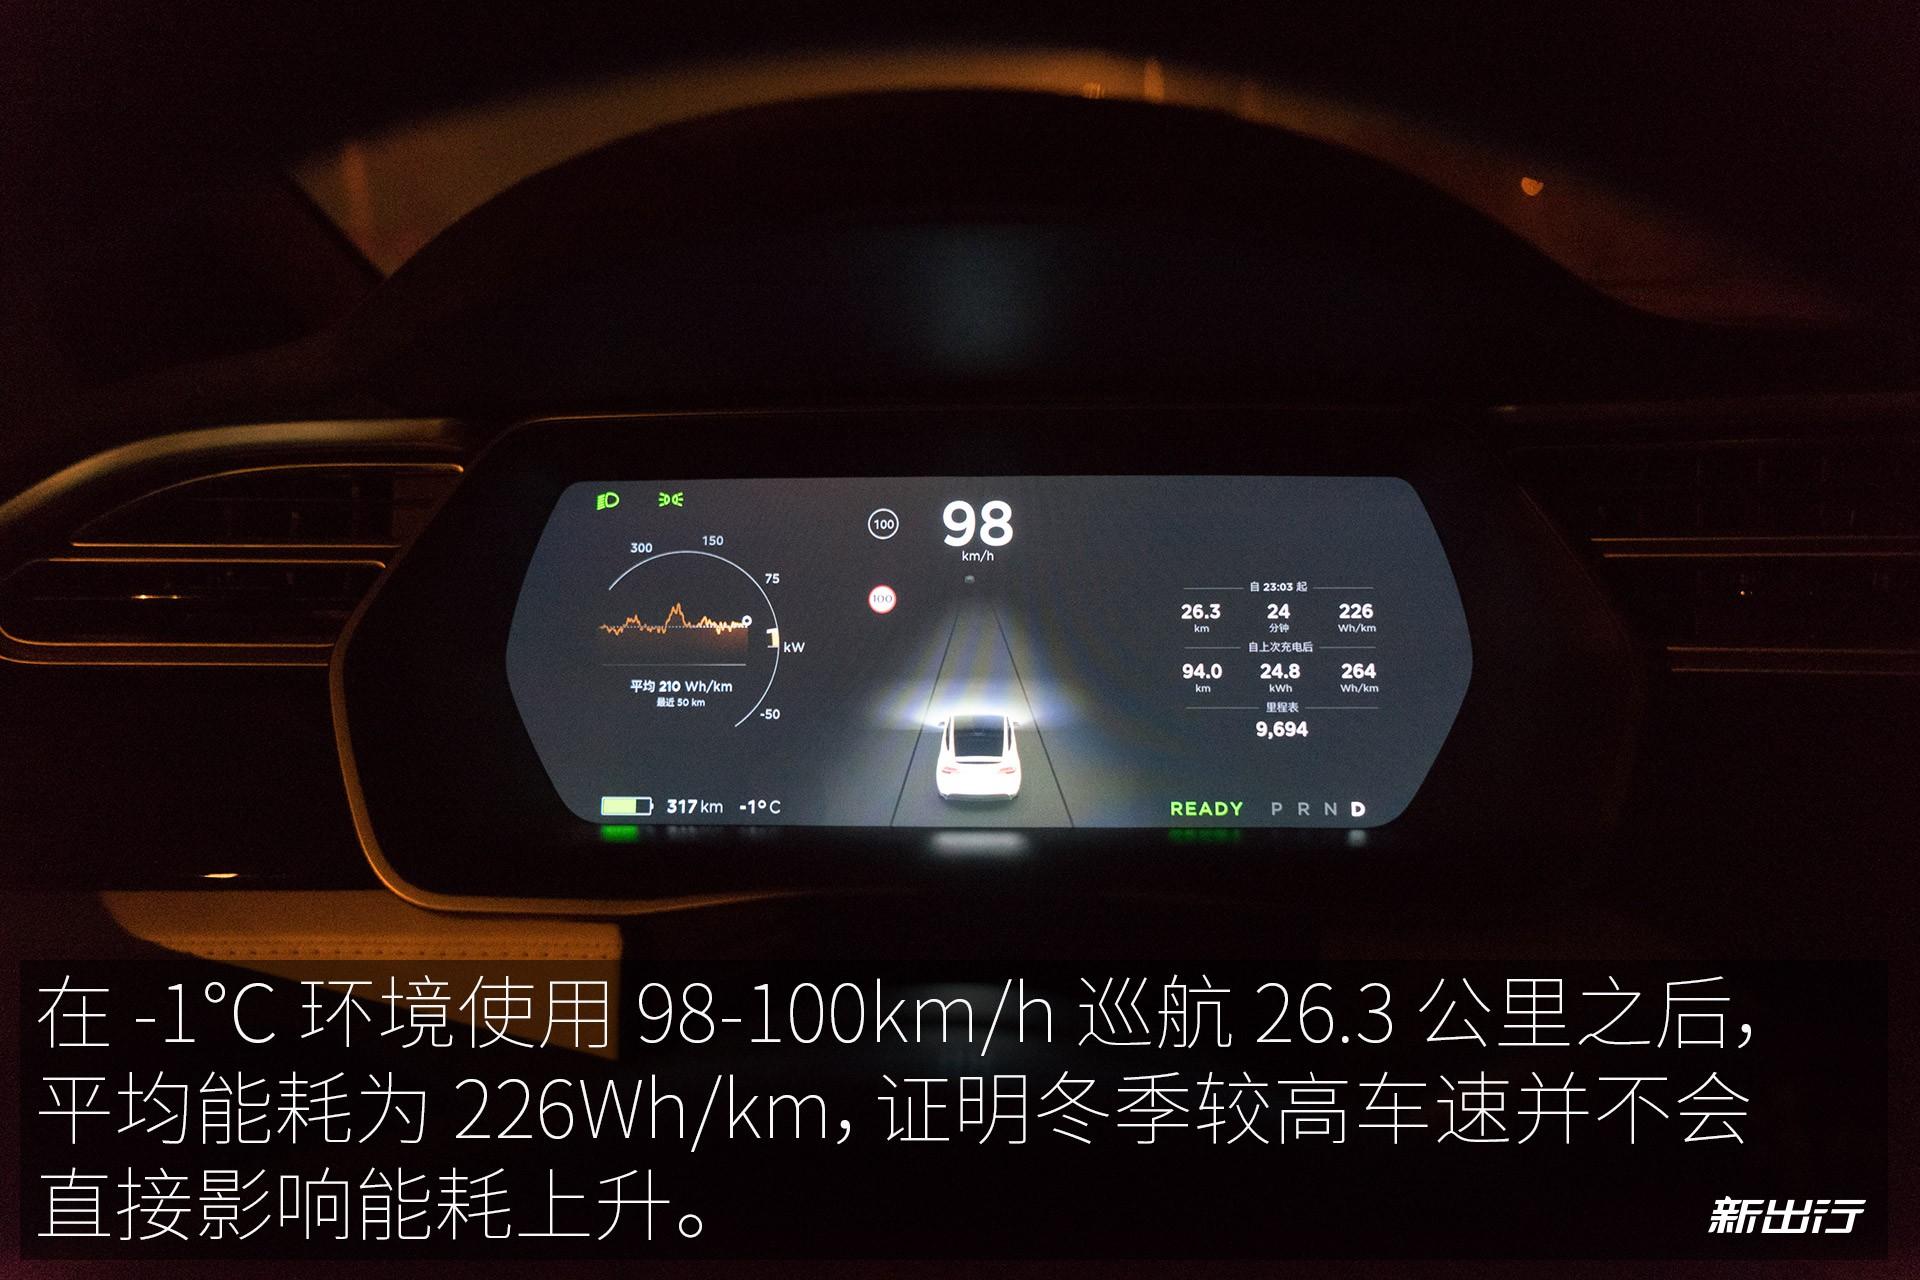 特斯拉Model X 100D冬季充电/续航测试 您想知道的都在这里了